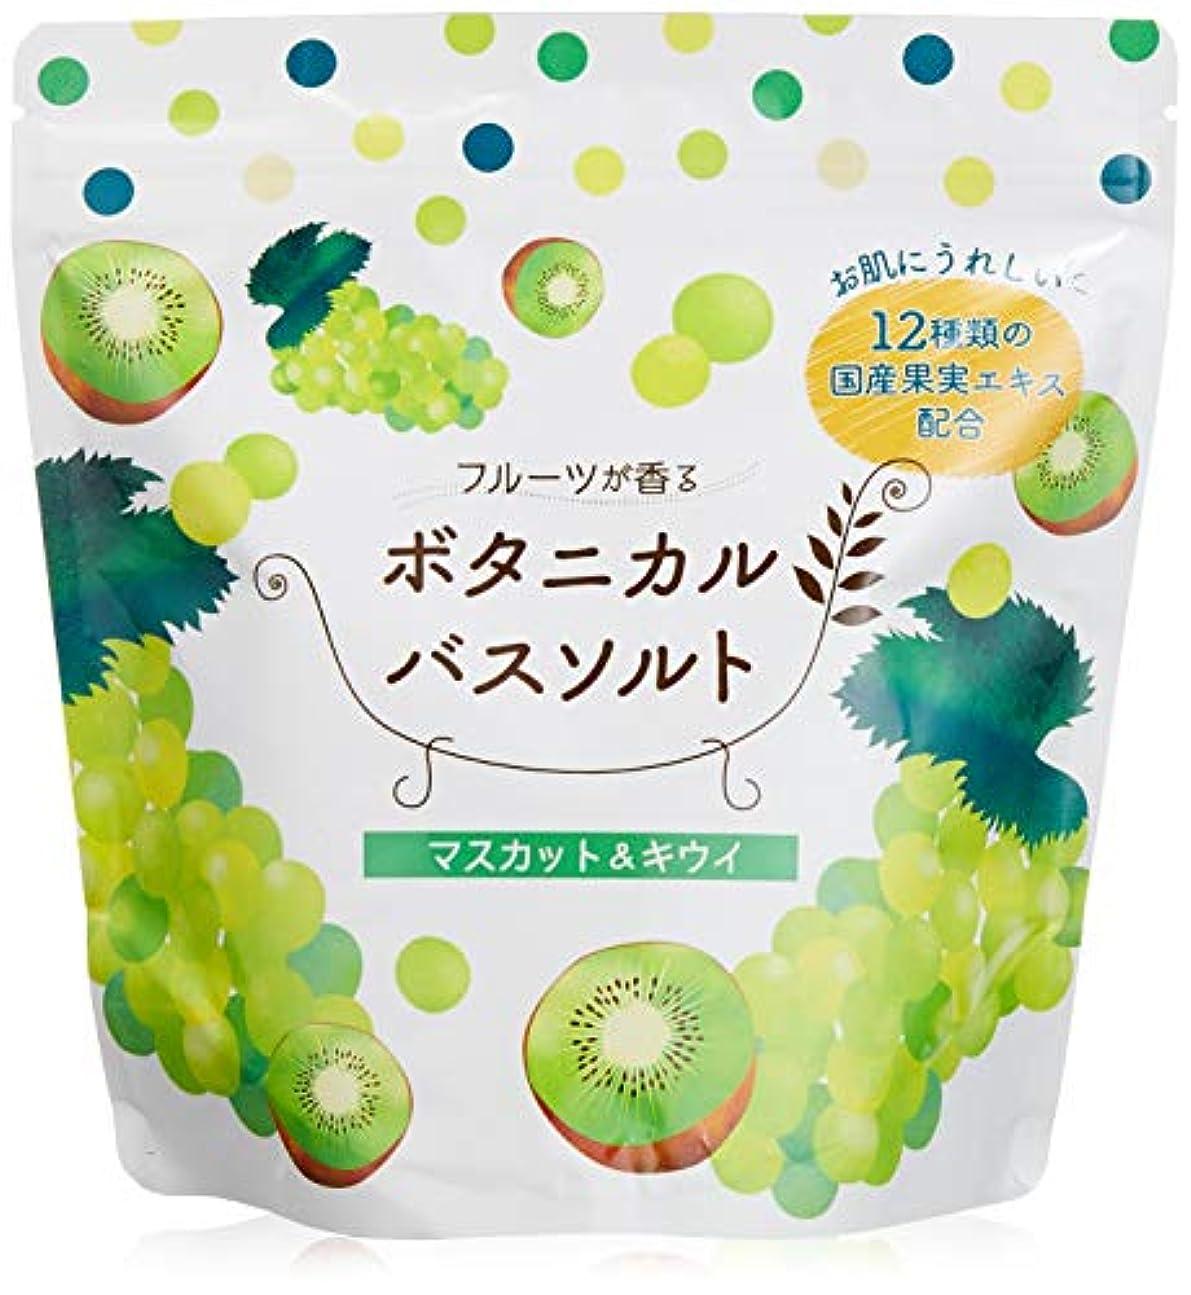 松田医薬品 フルーツが香るボタニカルバスソルト マスカット&キウイ 450g